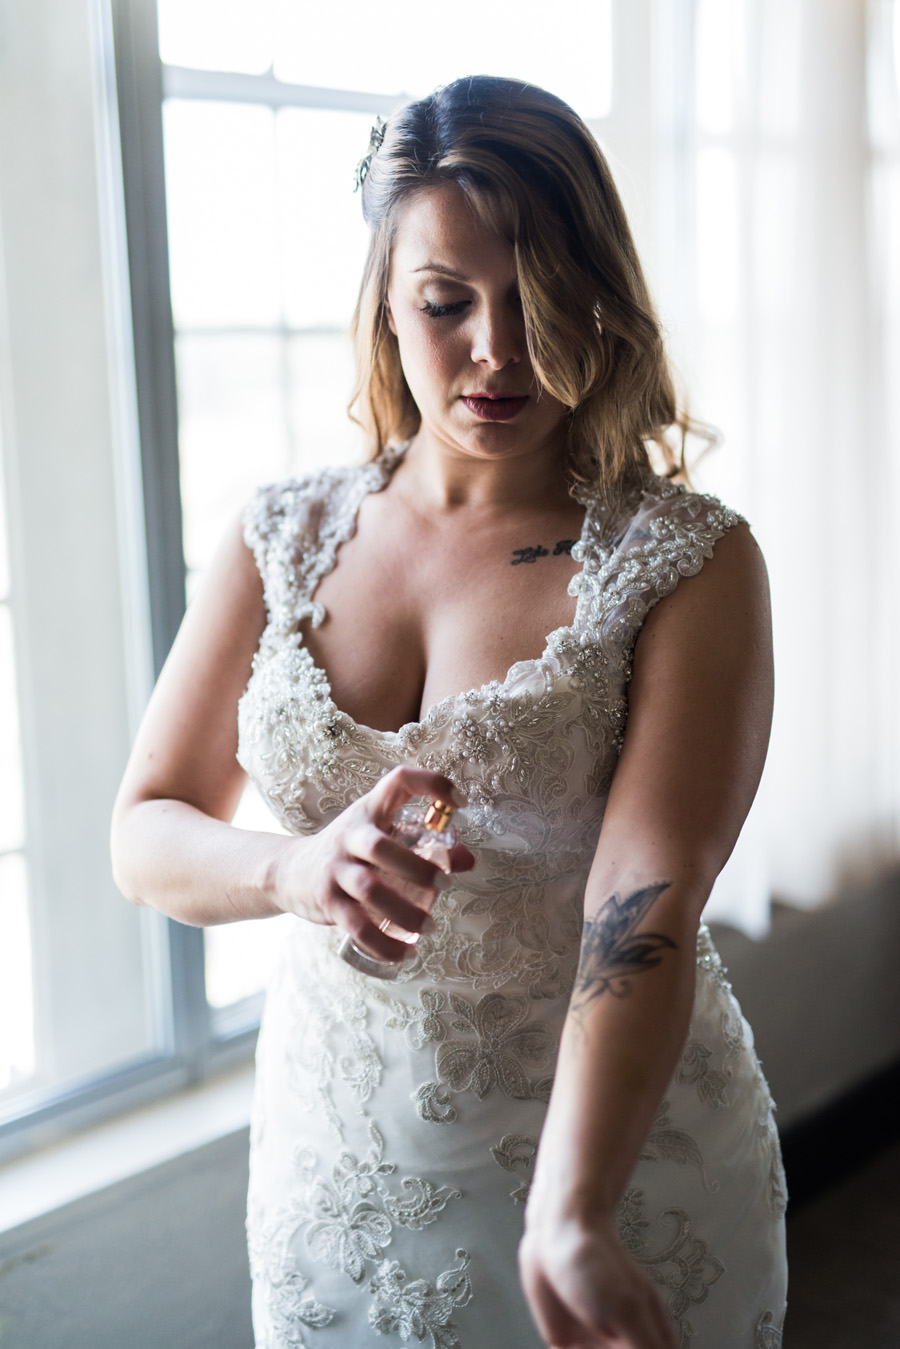 Bride puts on perfume.